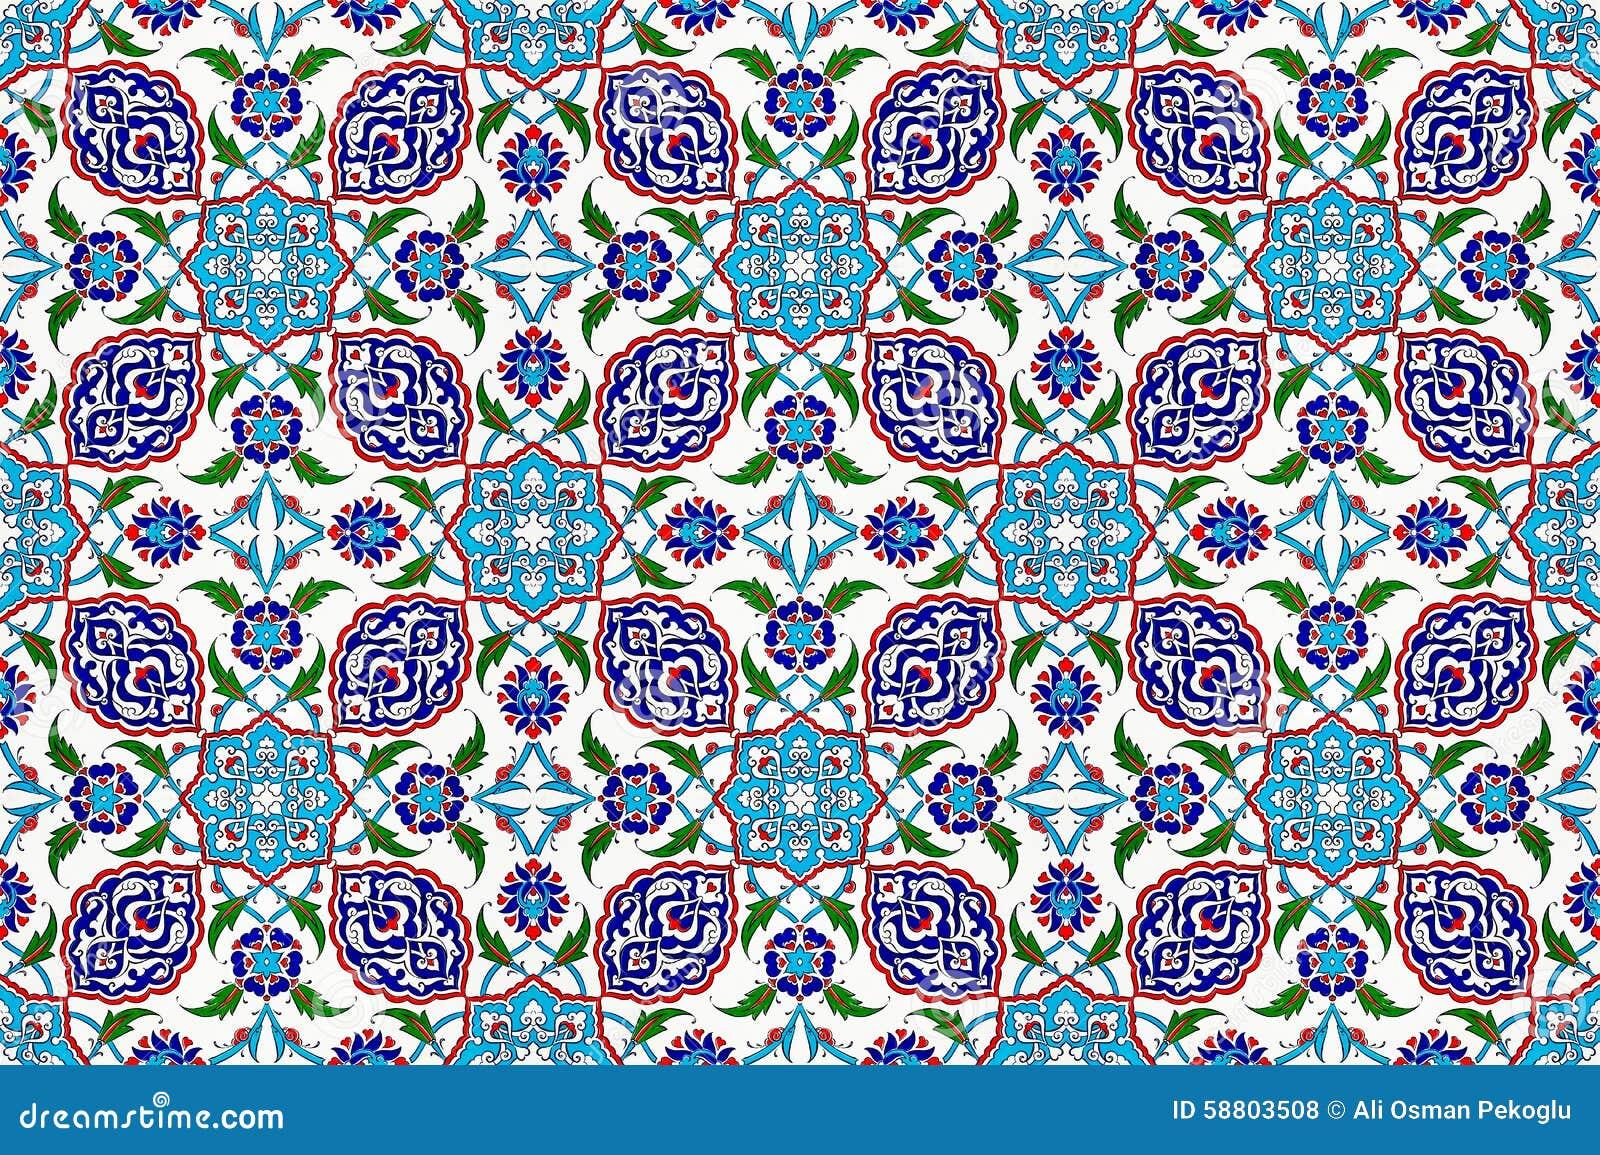 Mosaic tile pattern stock photo. Image of pattern, ottoman - 58803508